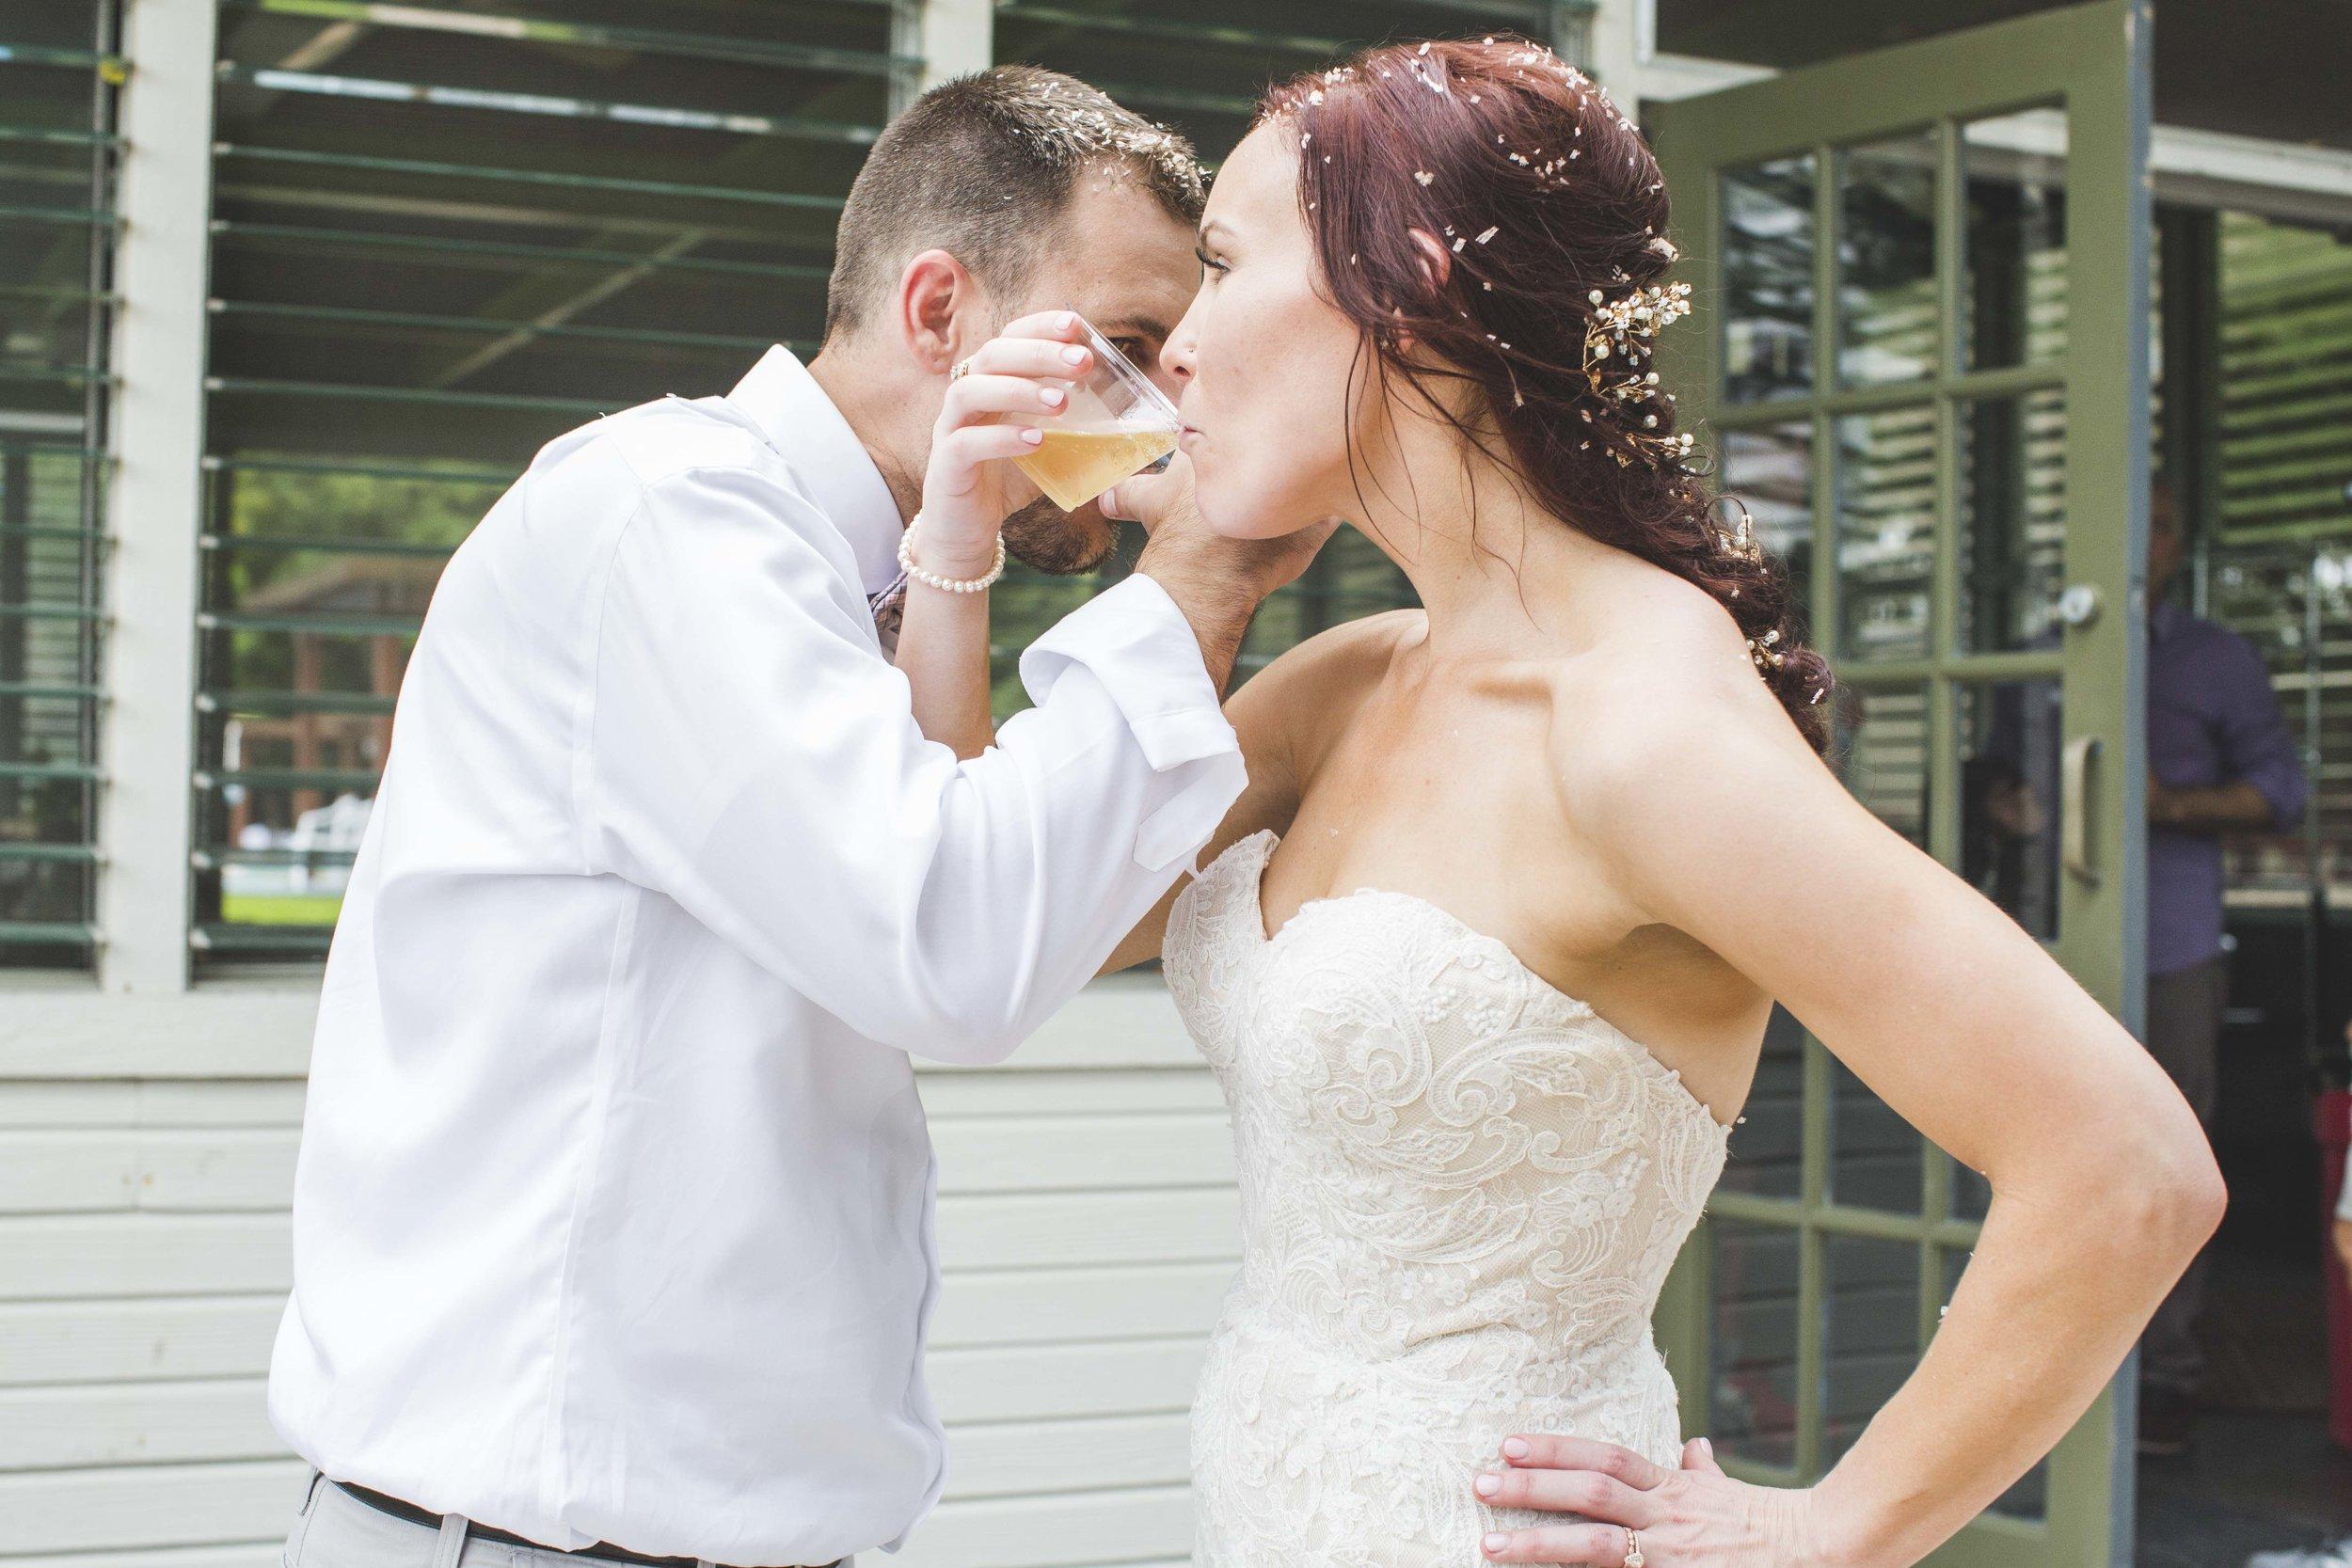 ATGI_Susanna & Matt Wedding_717A8834.jpg